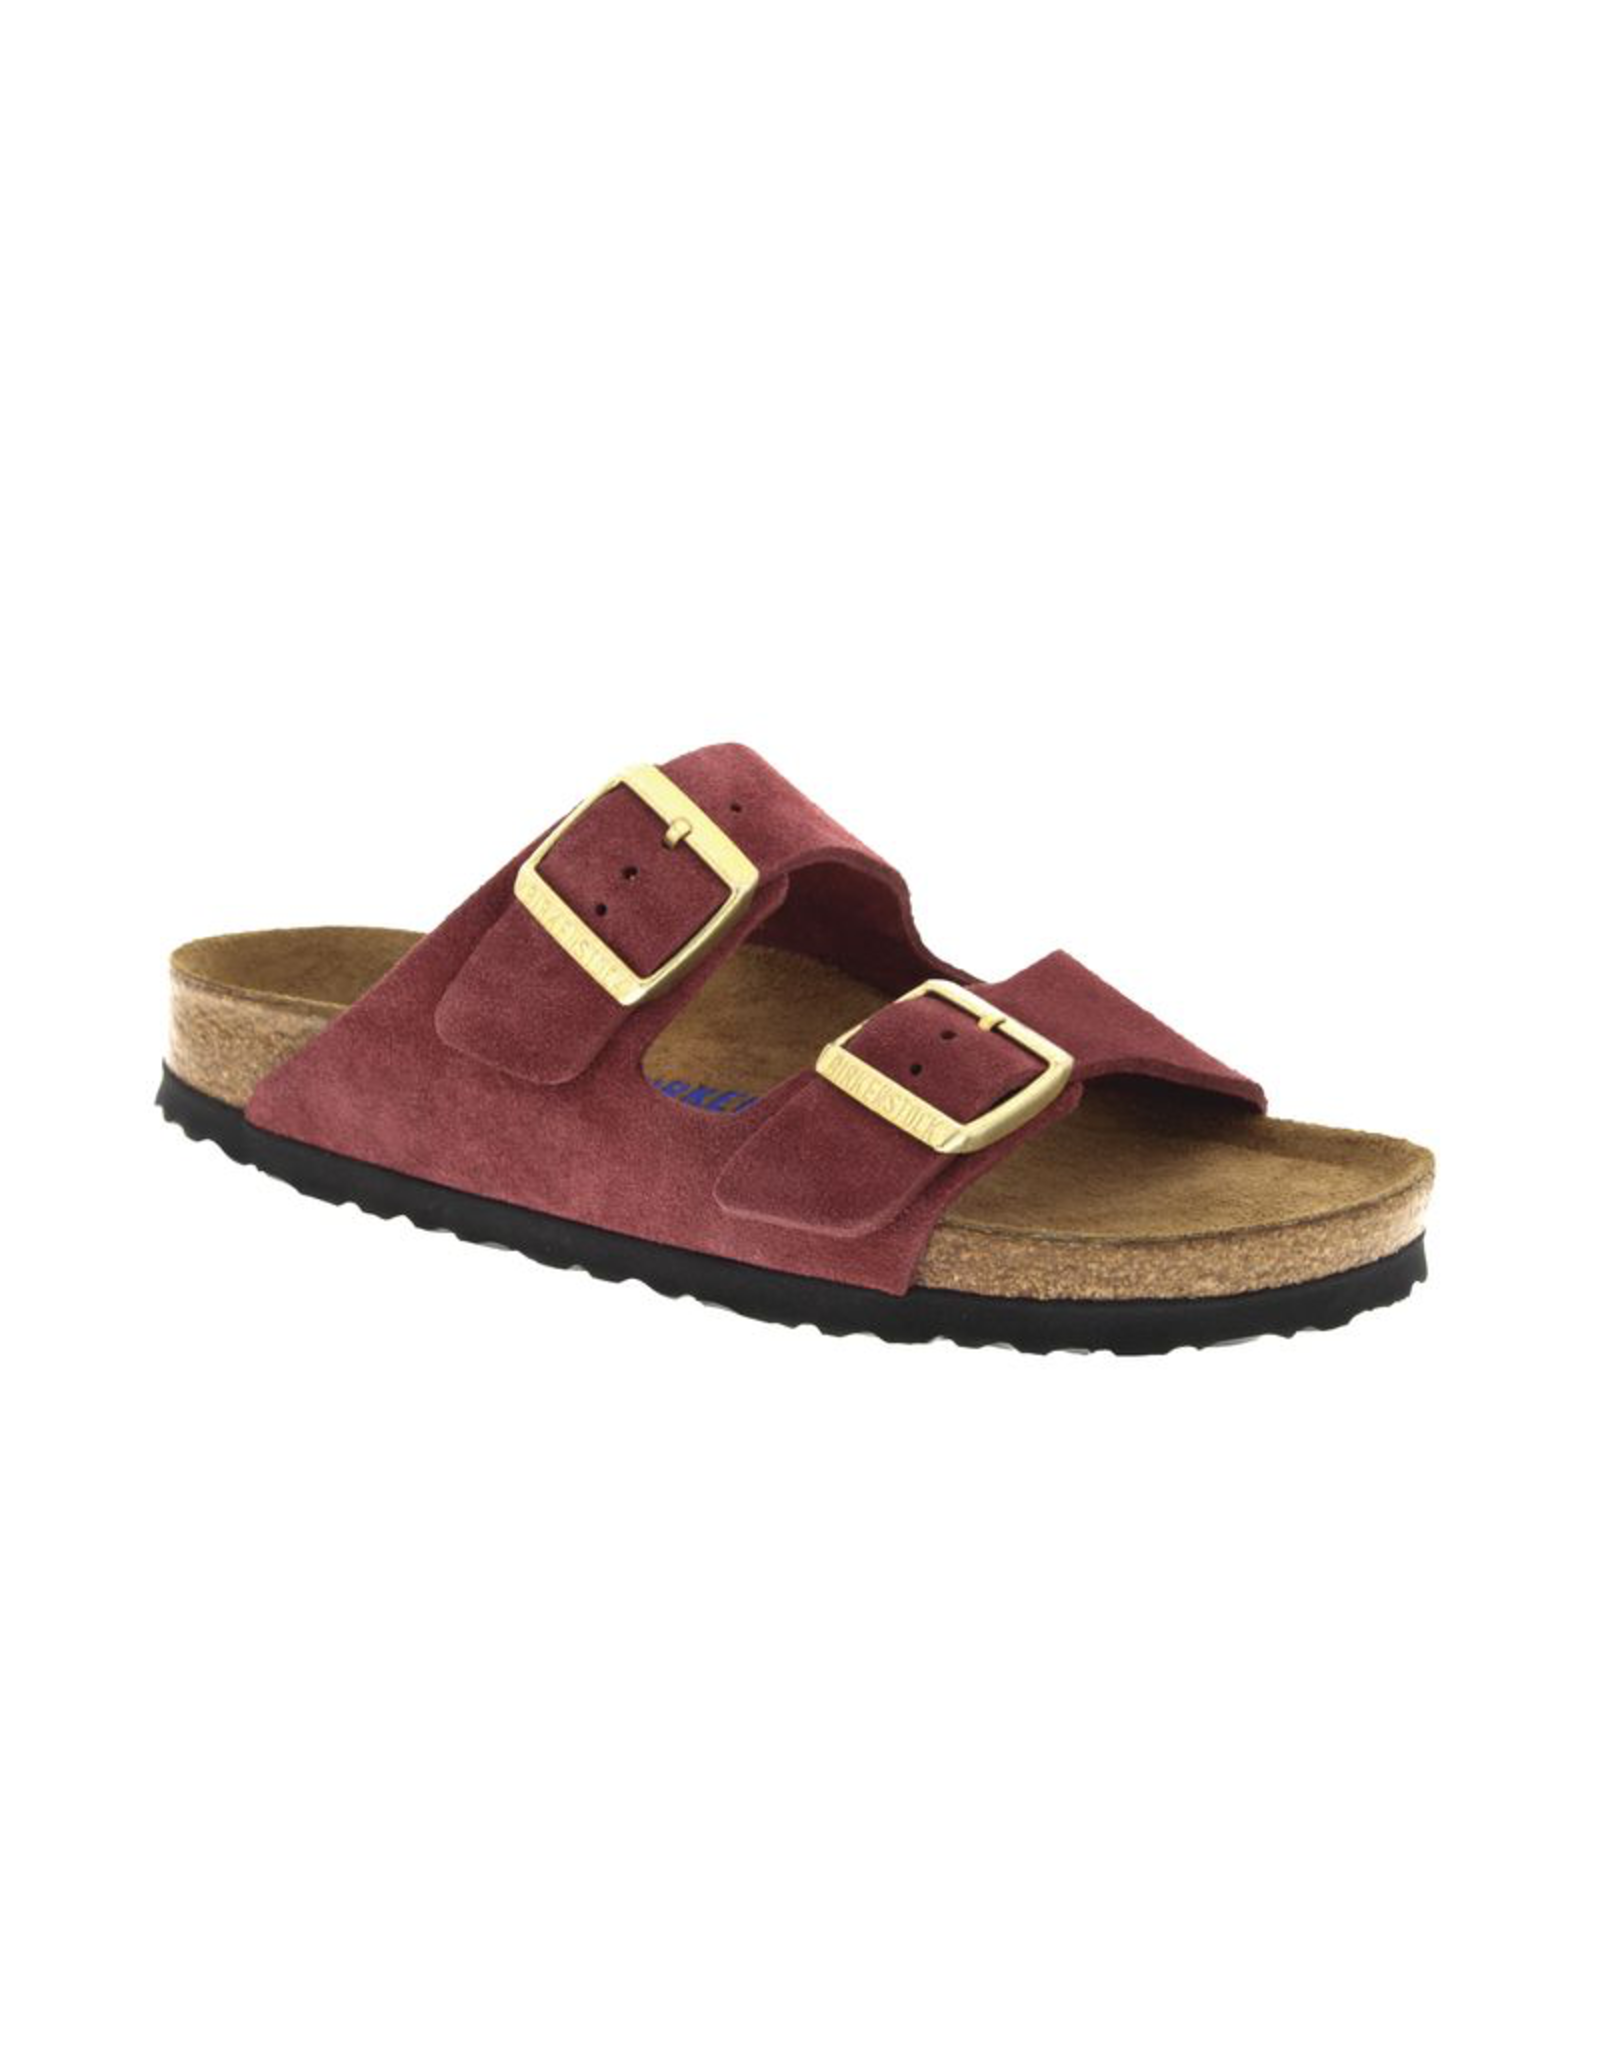 Birkenstock Arizona Sandal Soft Footbed - COV29569